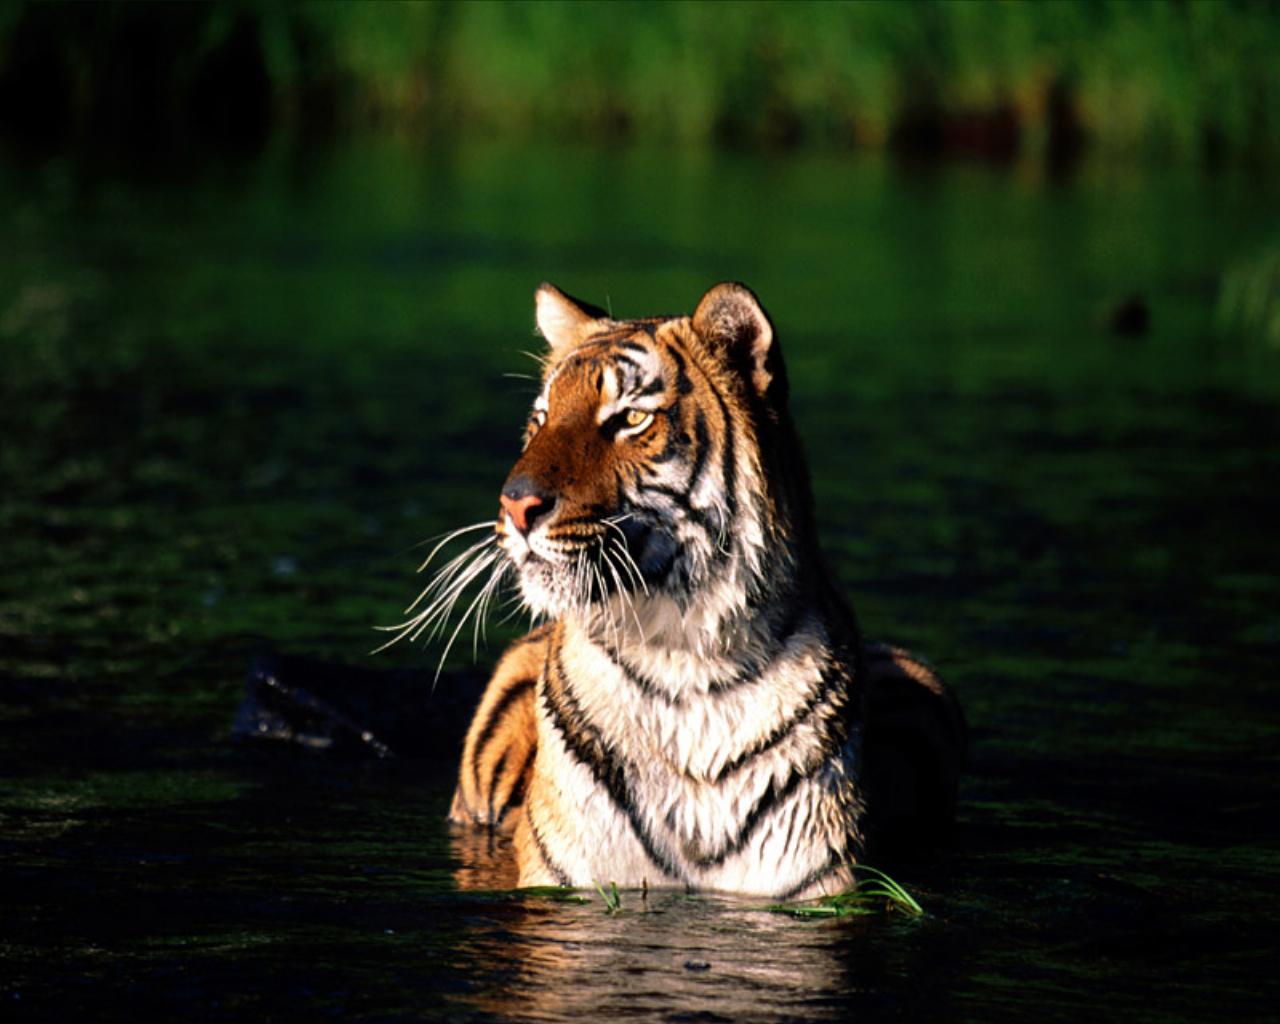 Tiger26